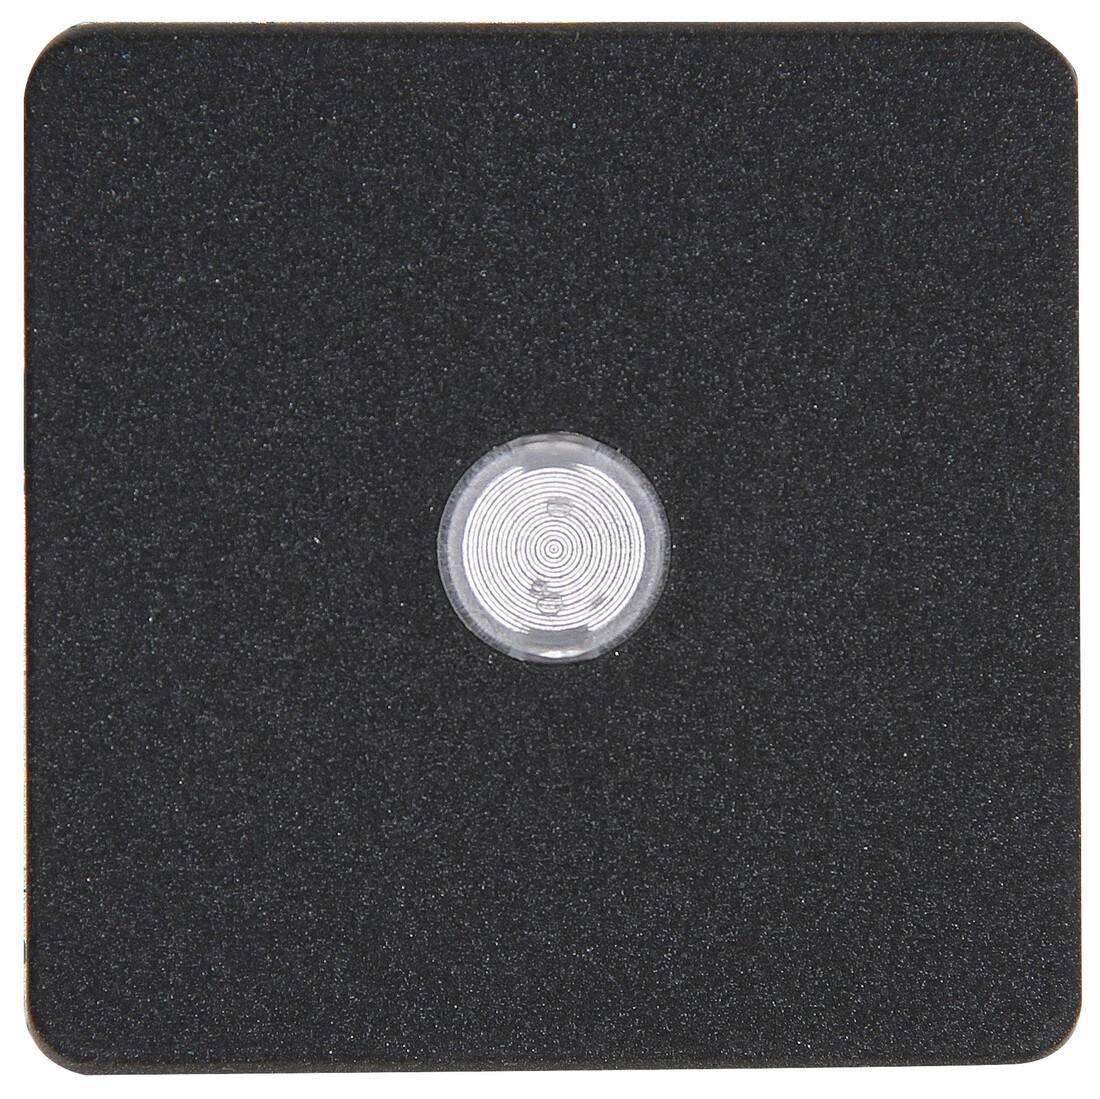 Kopp HK02 bedieningswip met lens 1-voudig antraciet